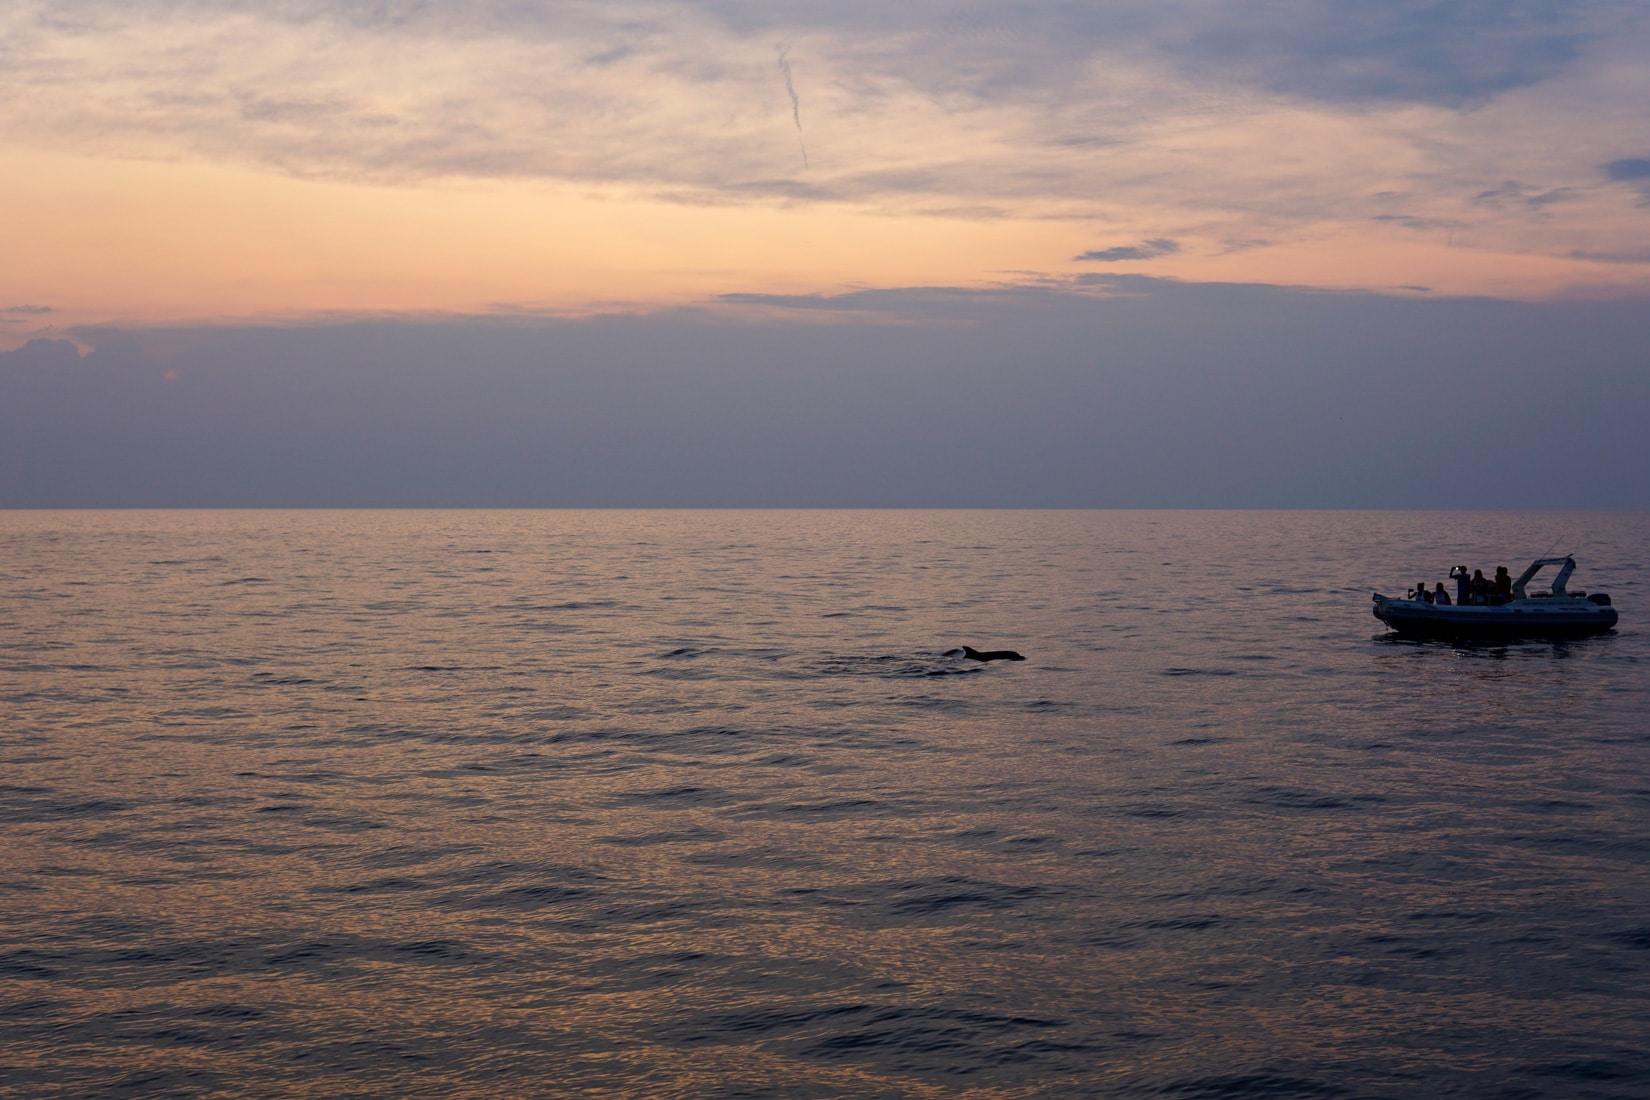 kroatien-delphine